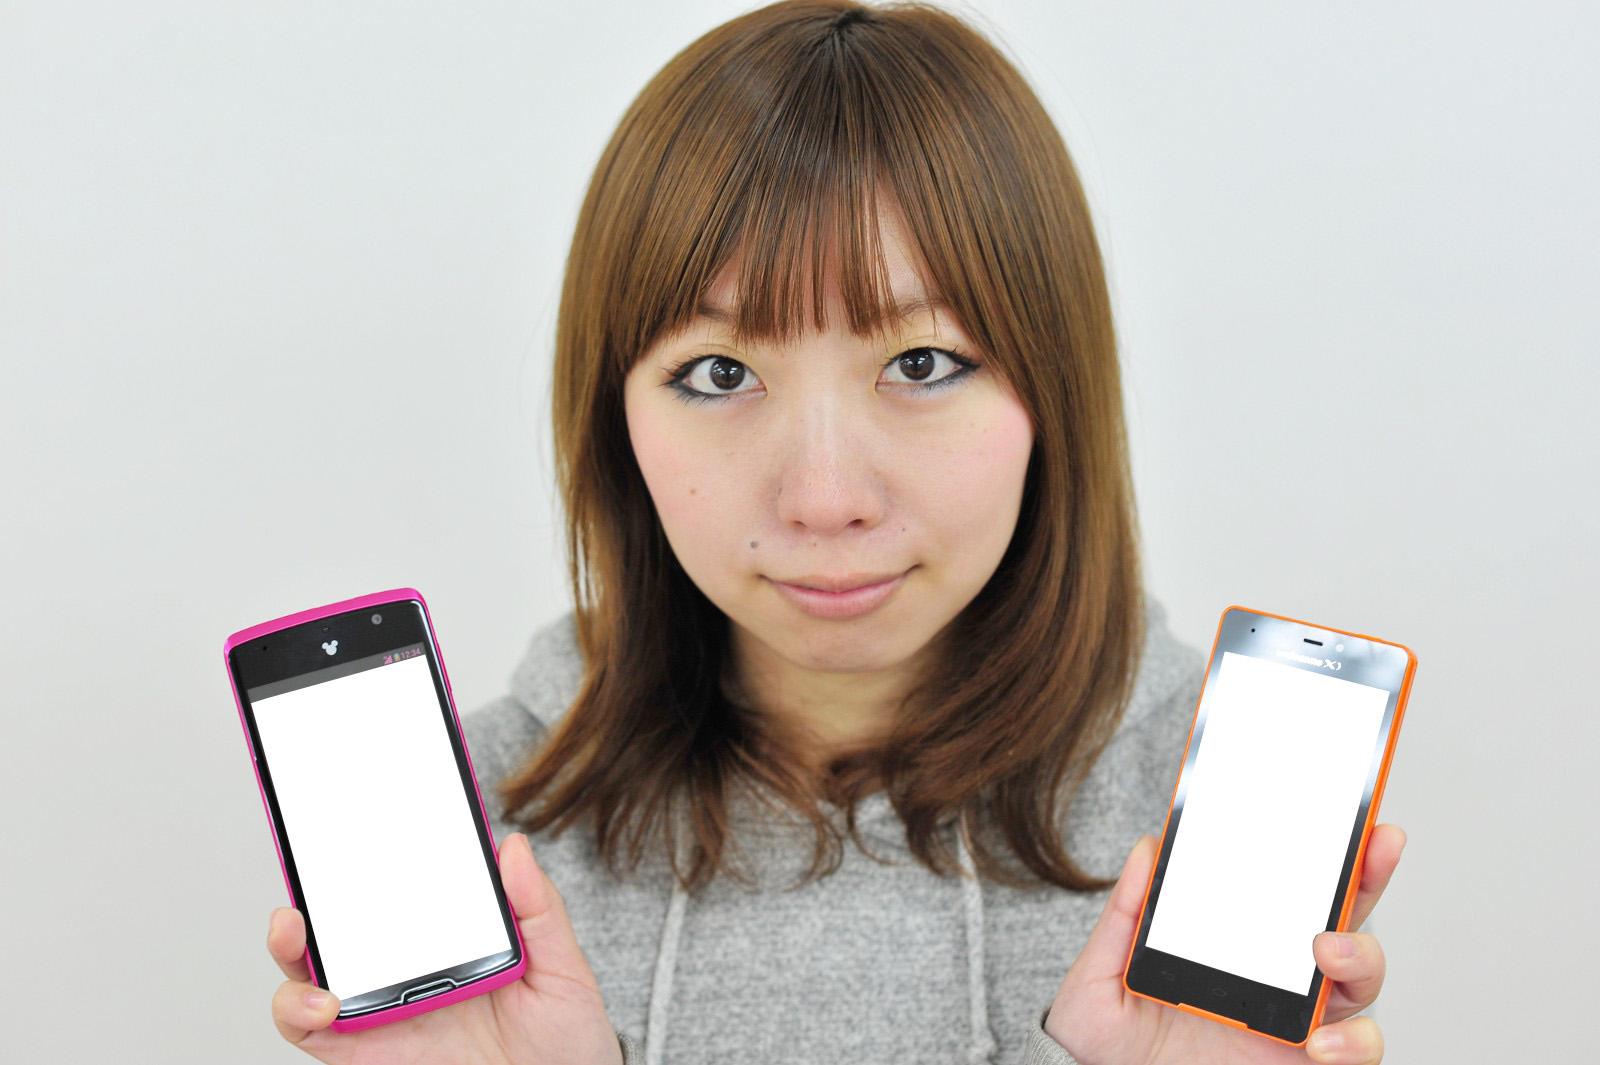 【更新】サムスン製のスマートフォンを購入した人のうち、iPhoneからの買い替え率がたった7%であることが明らかに